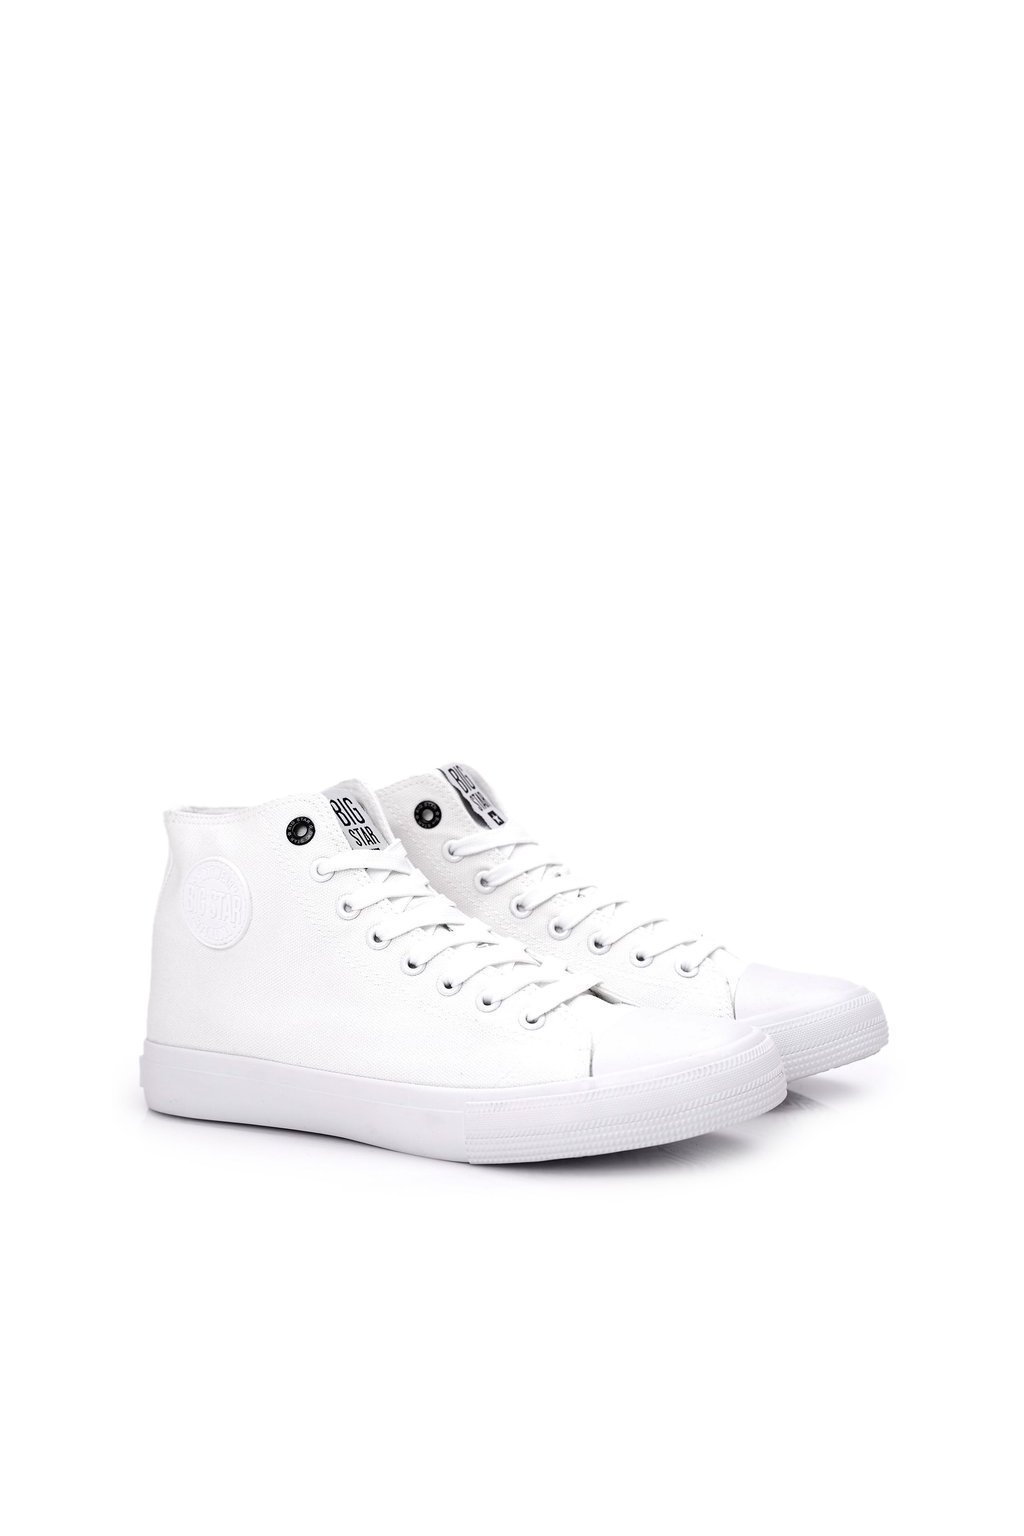 Biela obuv kód topánok FF174551 WHITE